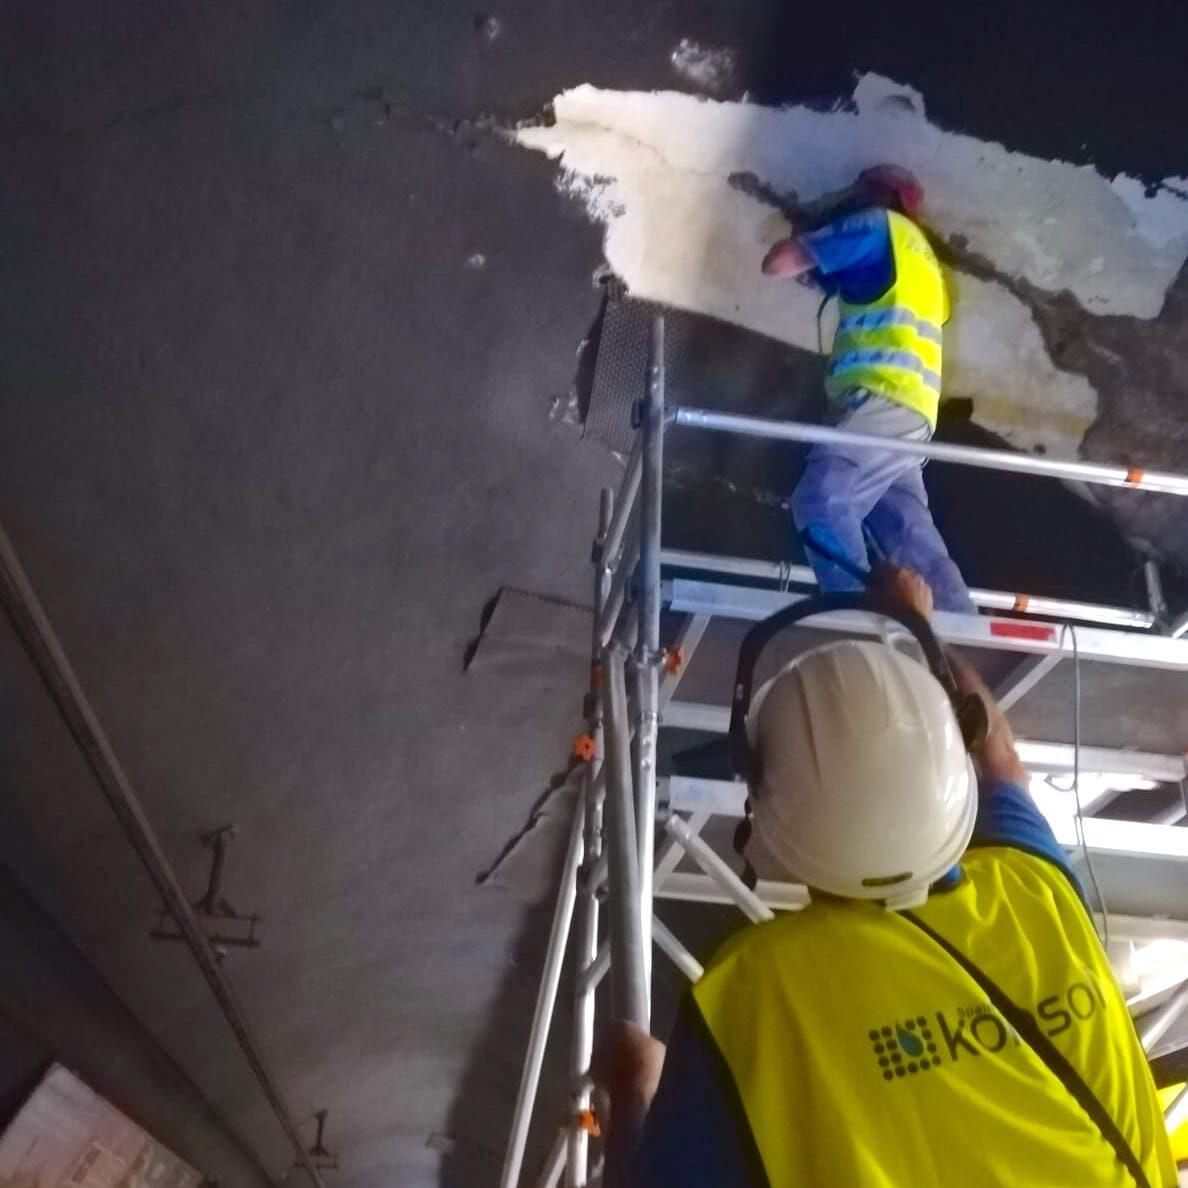 komsol tunnel beton boden decke innerseal versiegelung dauerhaft hochwertige silikate bahn schienen sanierung ubahn vermessung